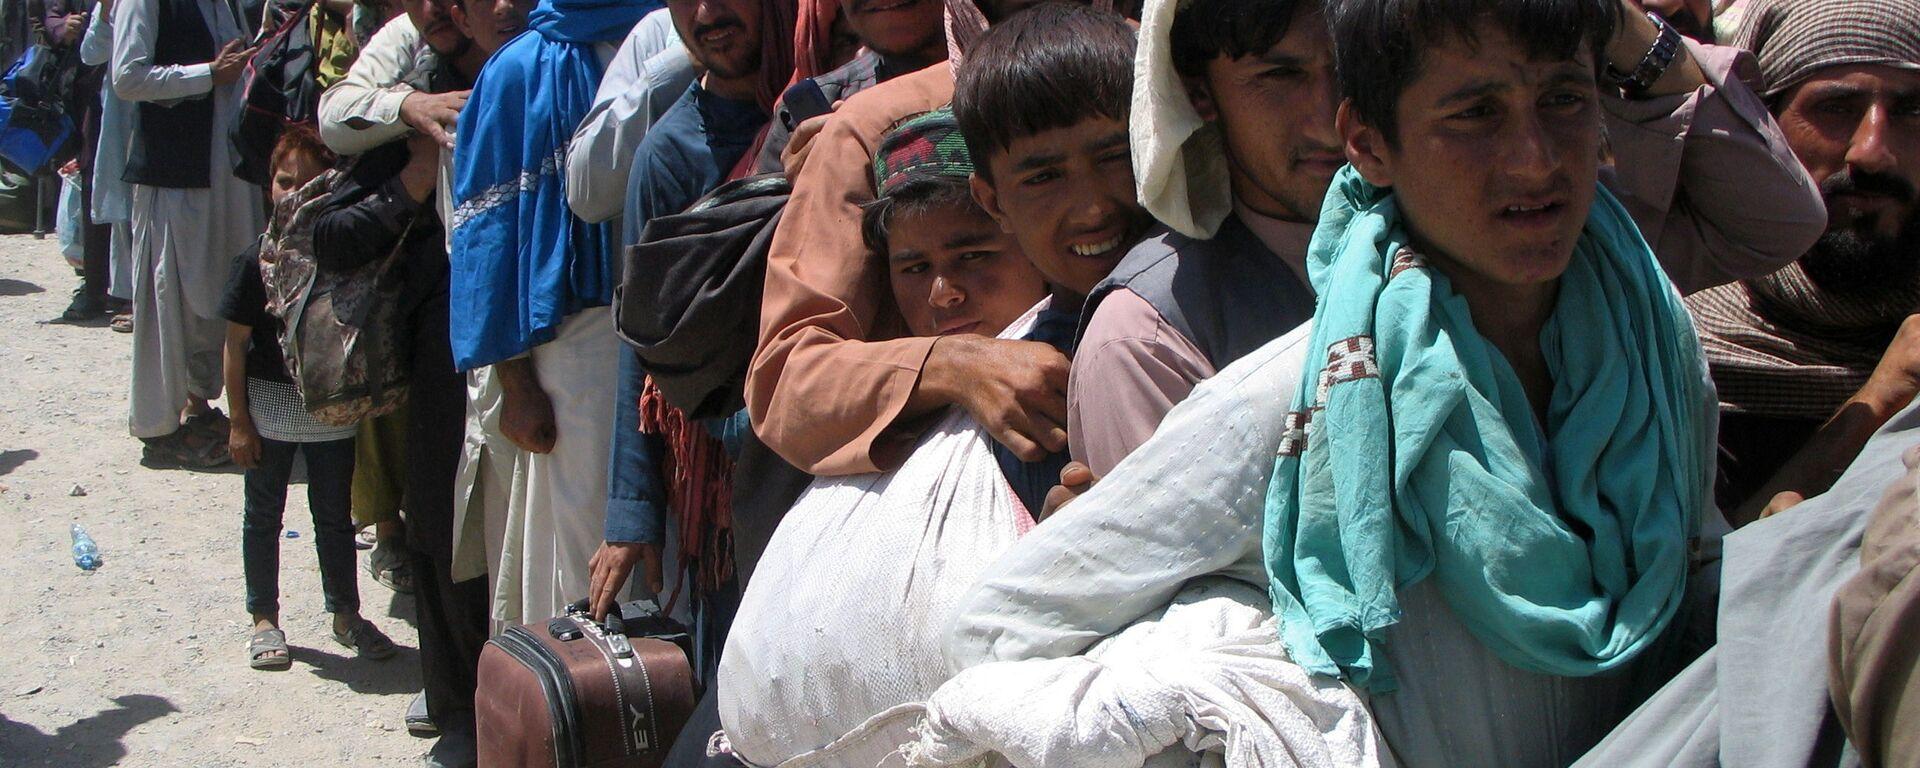 Люди на пропускном пункте «Ворота дружбы» в пакистано-афганском пограничном городе Чаман, Пакистан - Sputnik Таджикистан, 1920, 15.09.2021